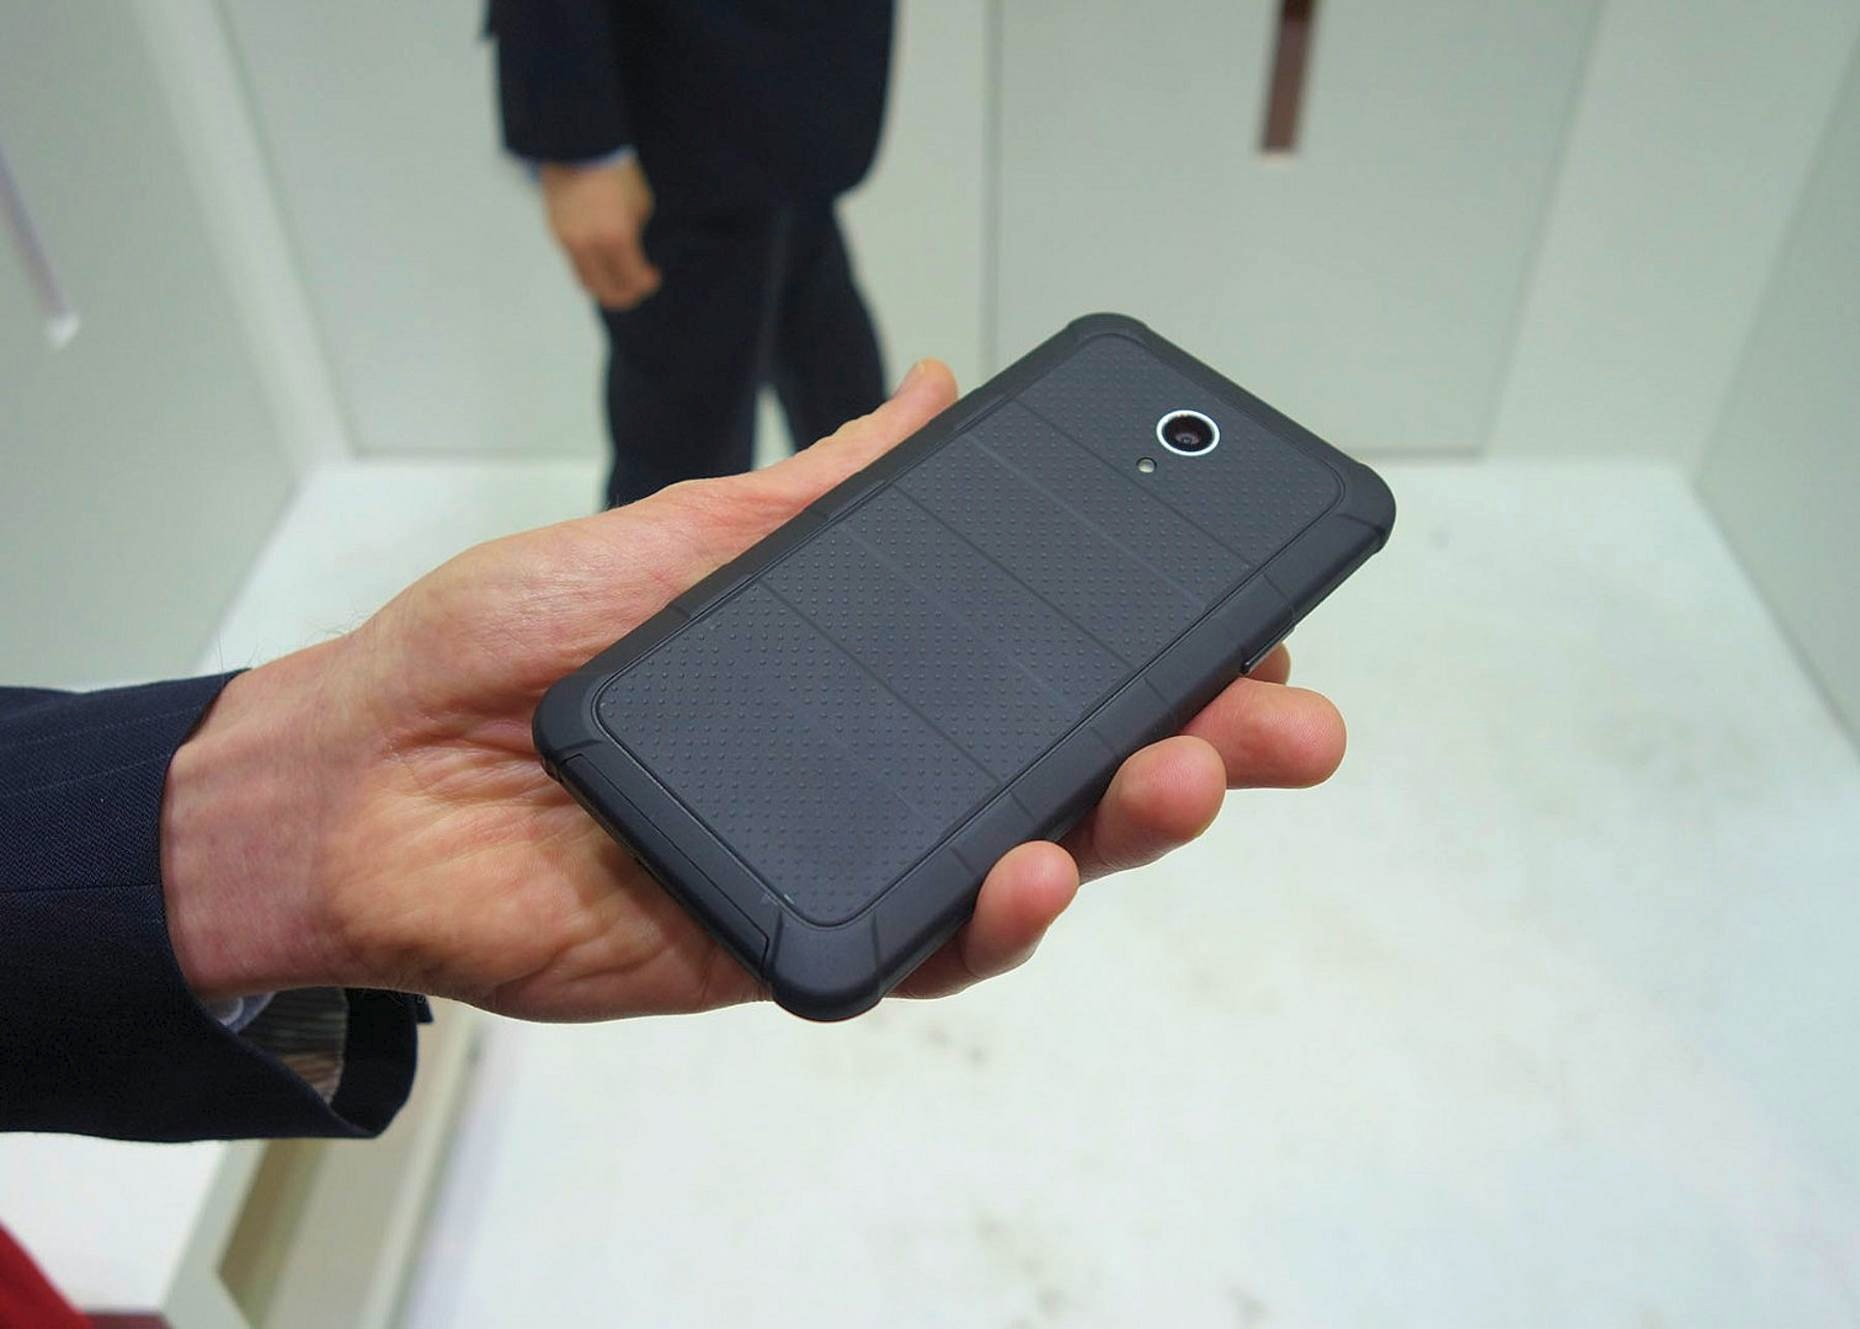 Пылевлагозащищённый ударопрочный корпус смартфона Kyocera (фото: David Nield/Gizmag).